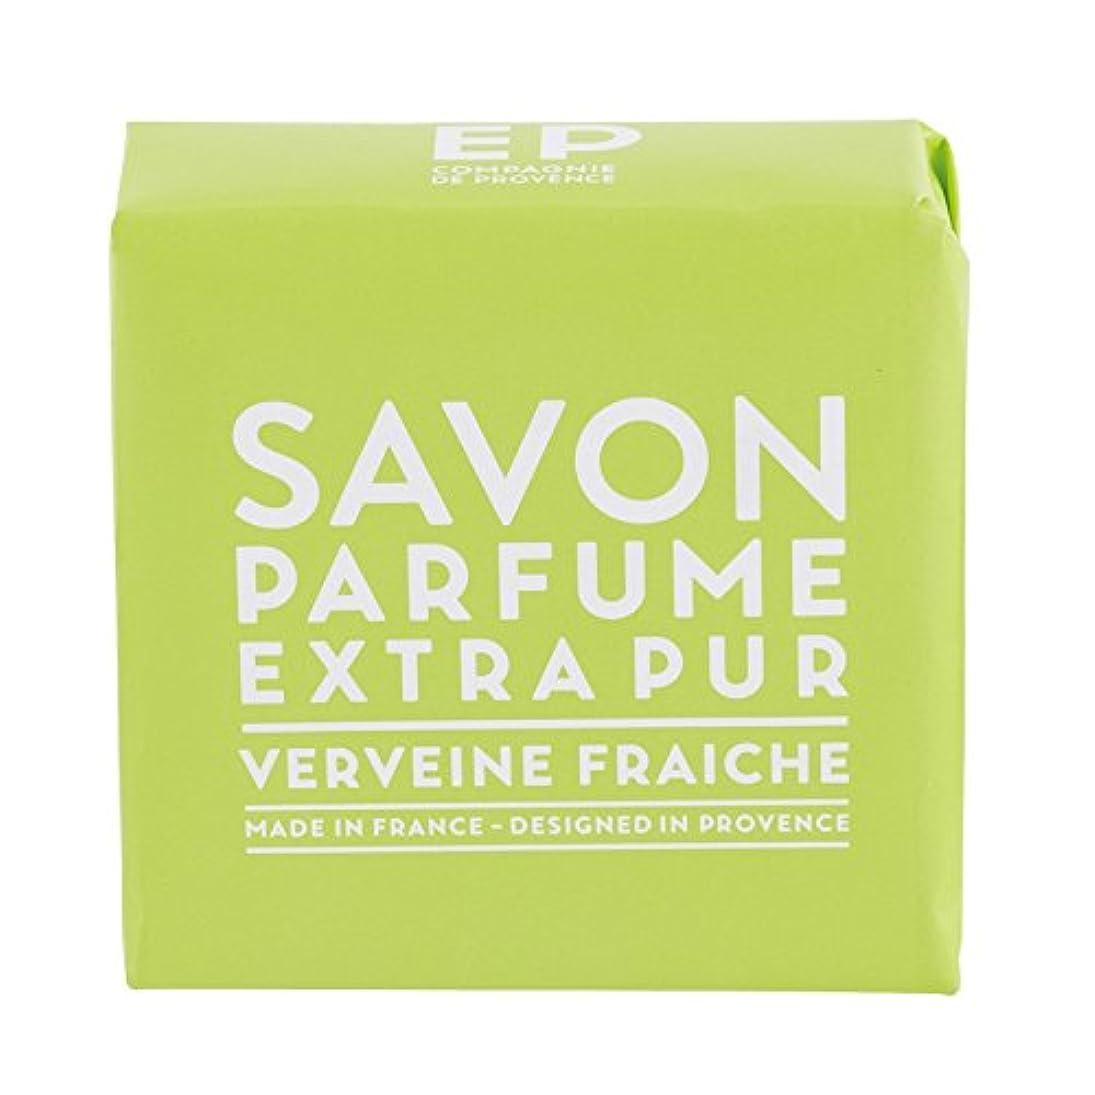 感嘆の前で強いますカンパニードプロバンス EXP  マルセイユソープ バーベナ 100g(全身用石けん?フランス製?フレッシュで爽快感のあるバーベナの香り)